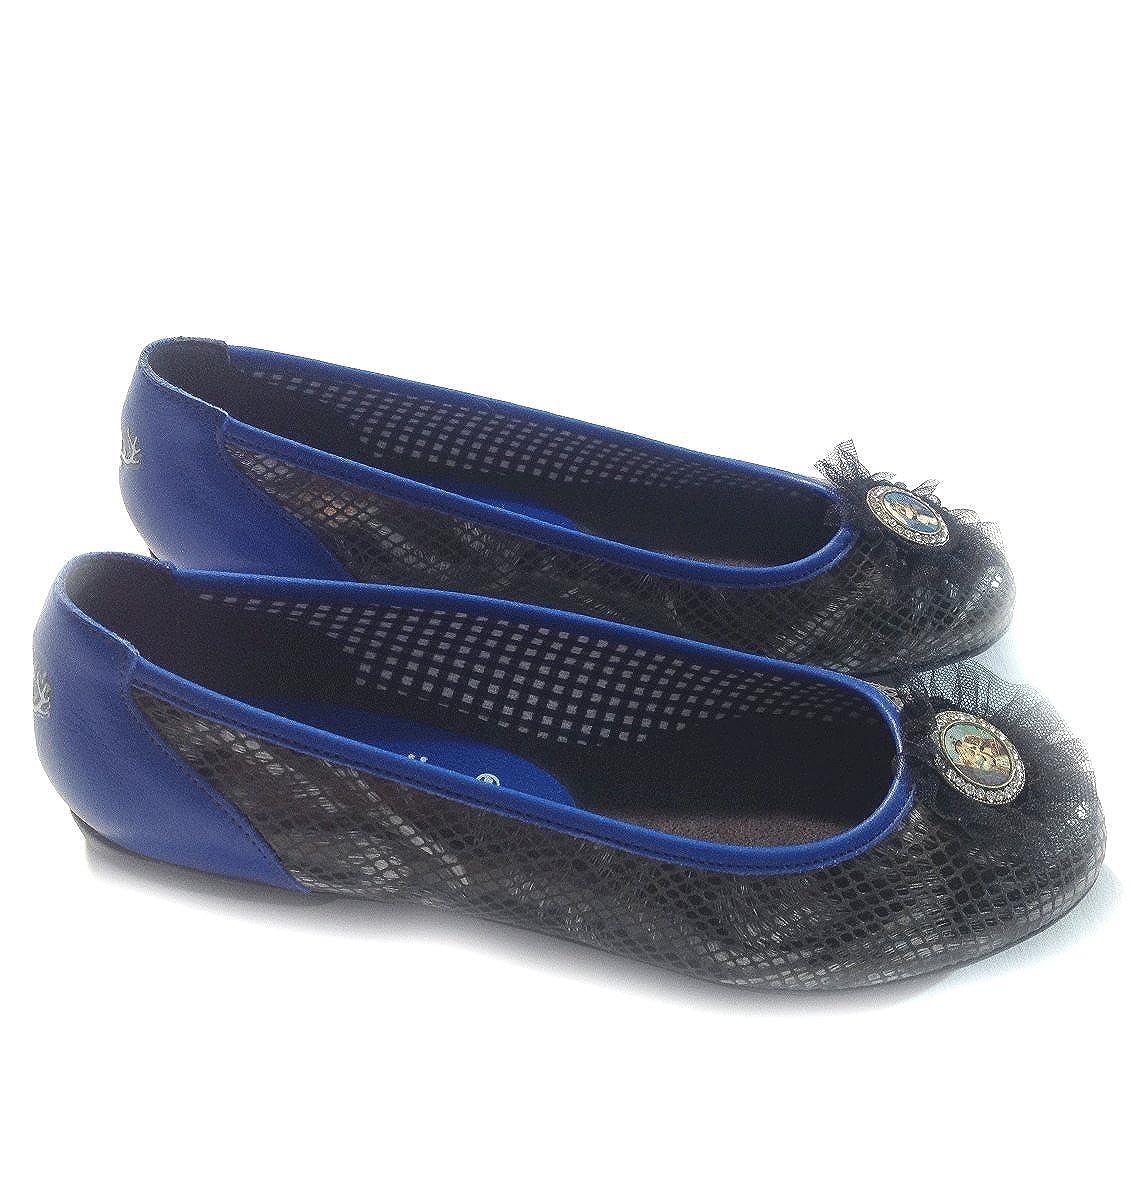 PantoffelDIVA, Ballerina Trachtenschuhe in pfiffigem Trachten Look Look Look für Dirndl und Lederhosen in Blau, Schwarz, Rot und Grün mit Hirsch auf Ferse Schwarz-marineblau Blau a7db3a